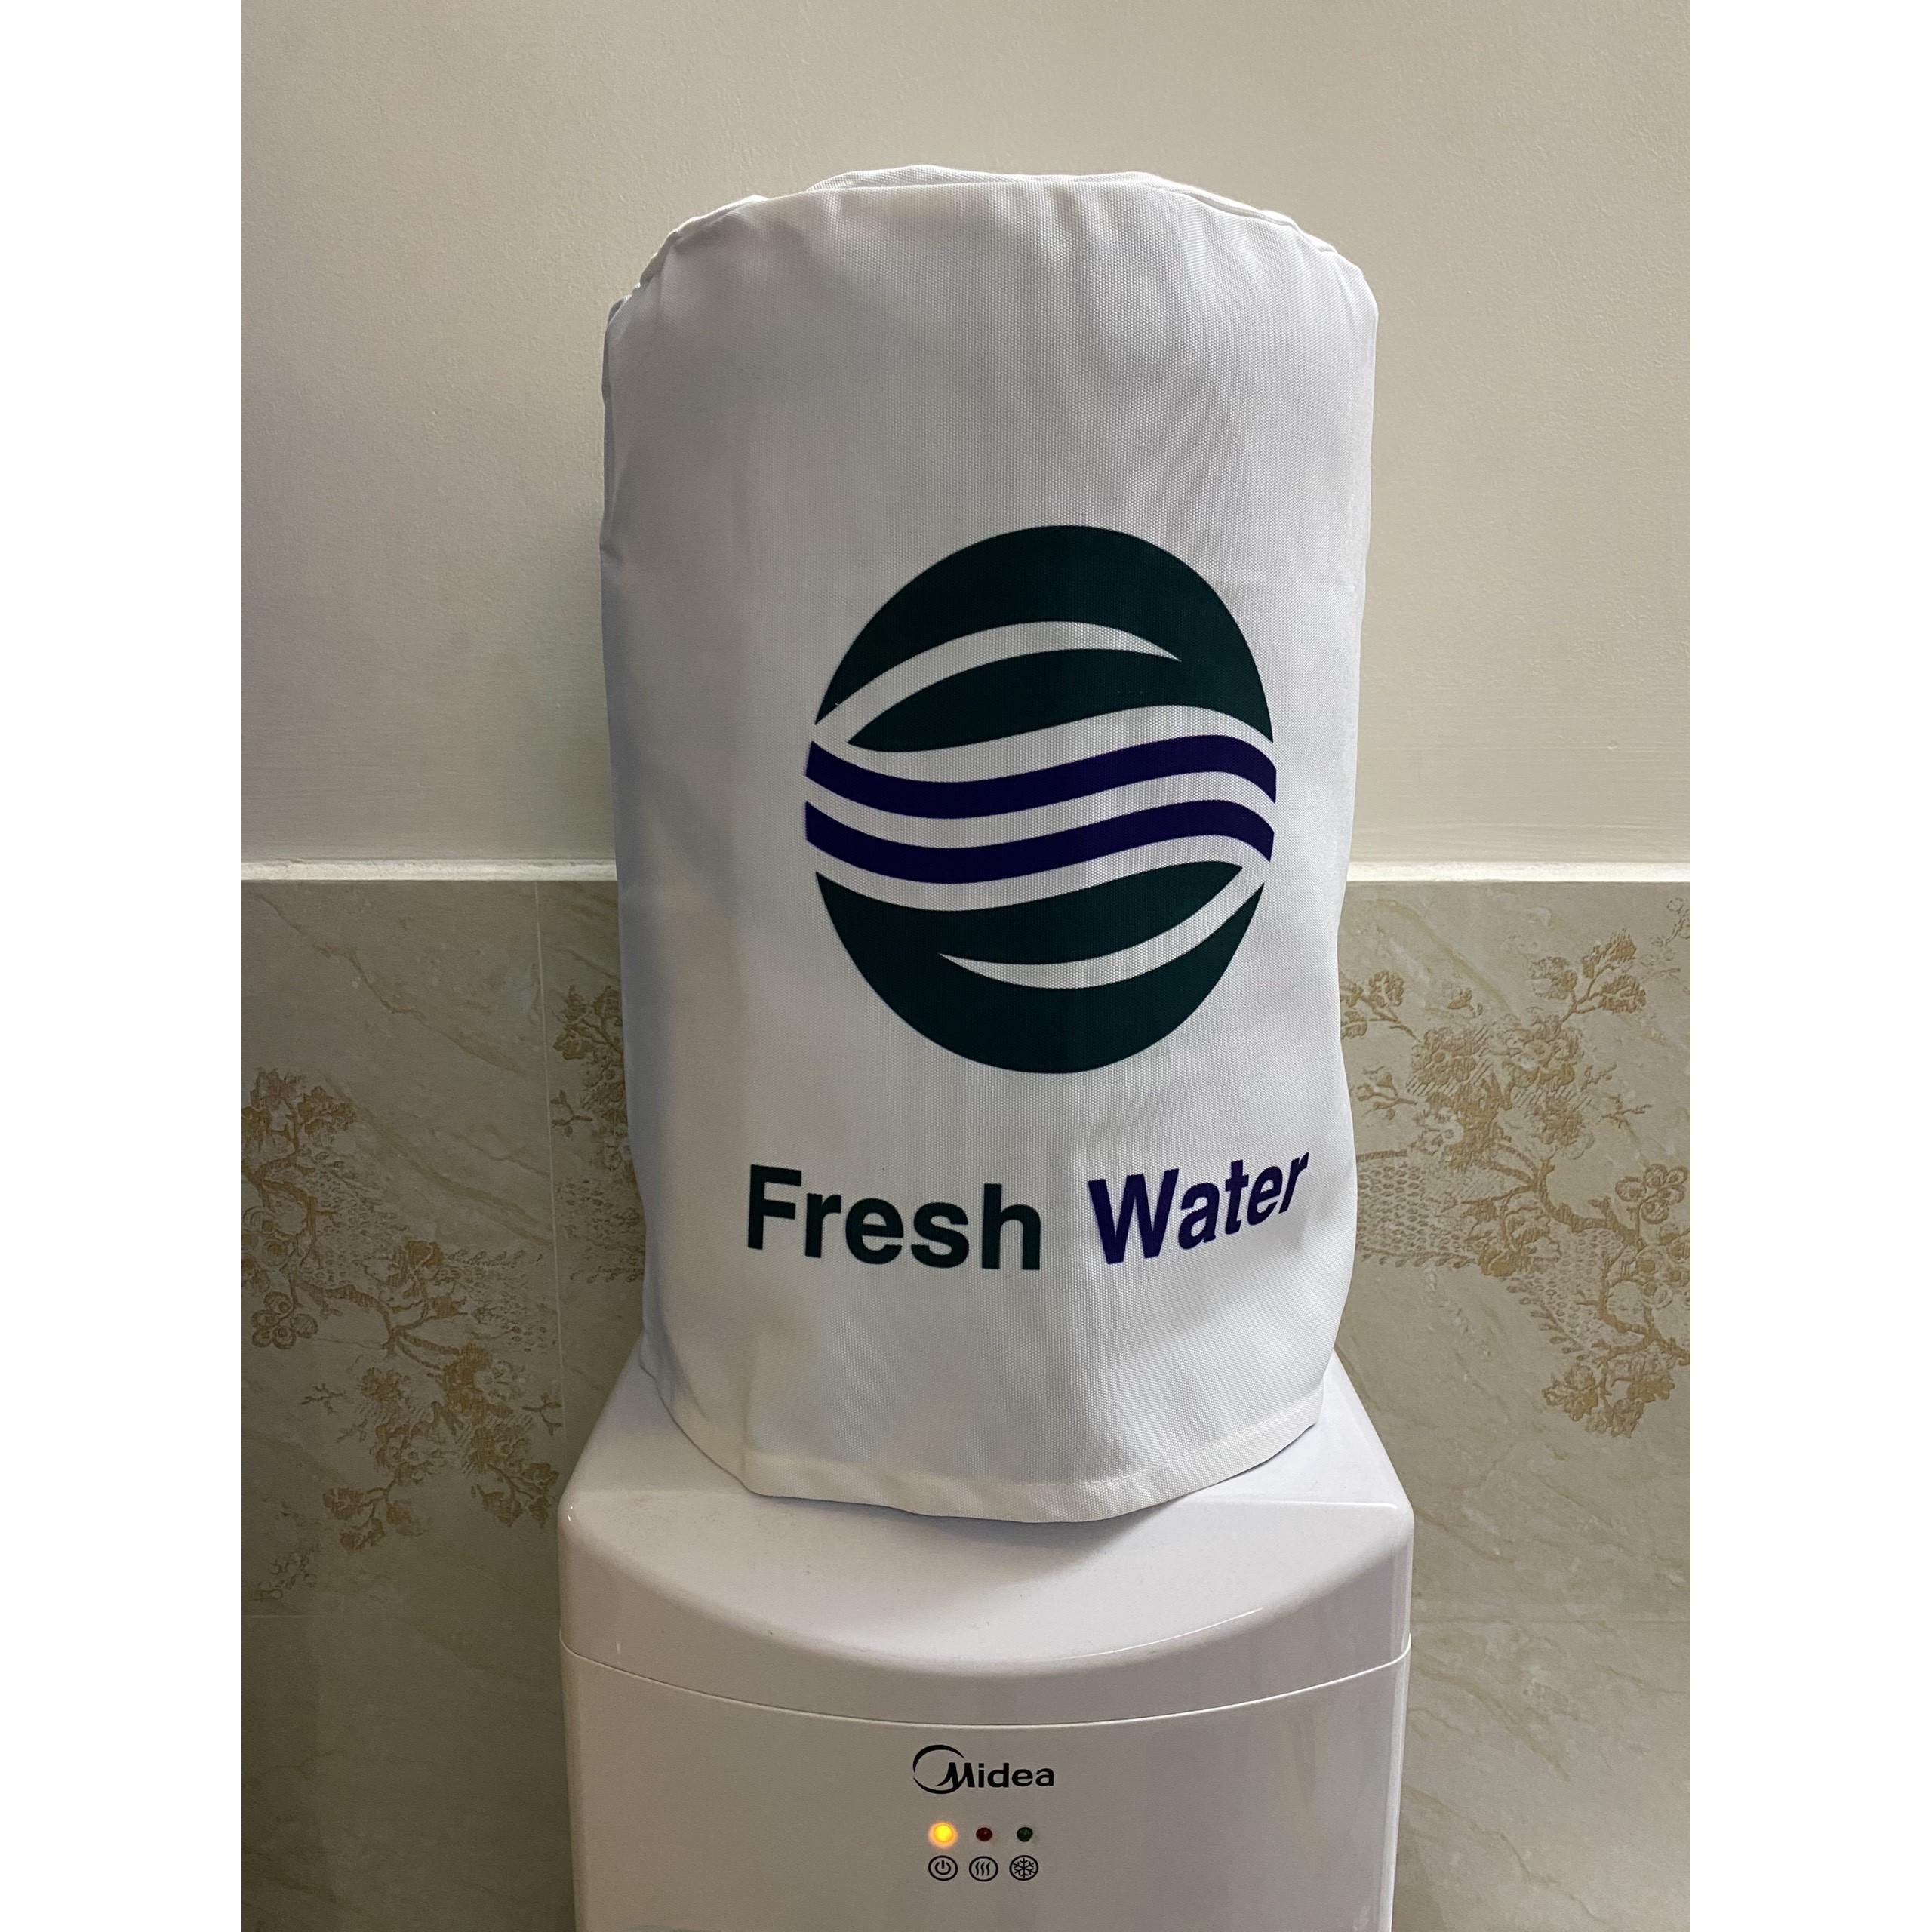 Bao trùm bình nước fresh water